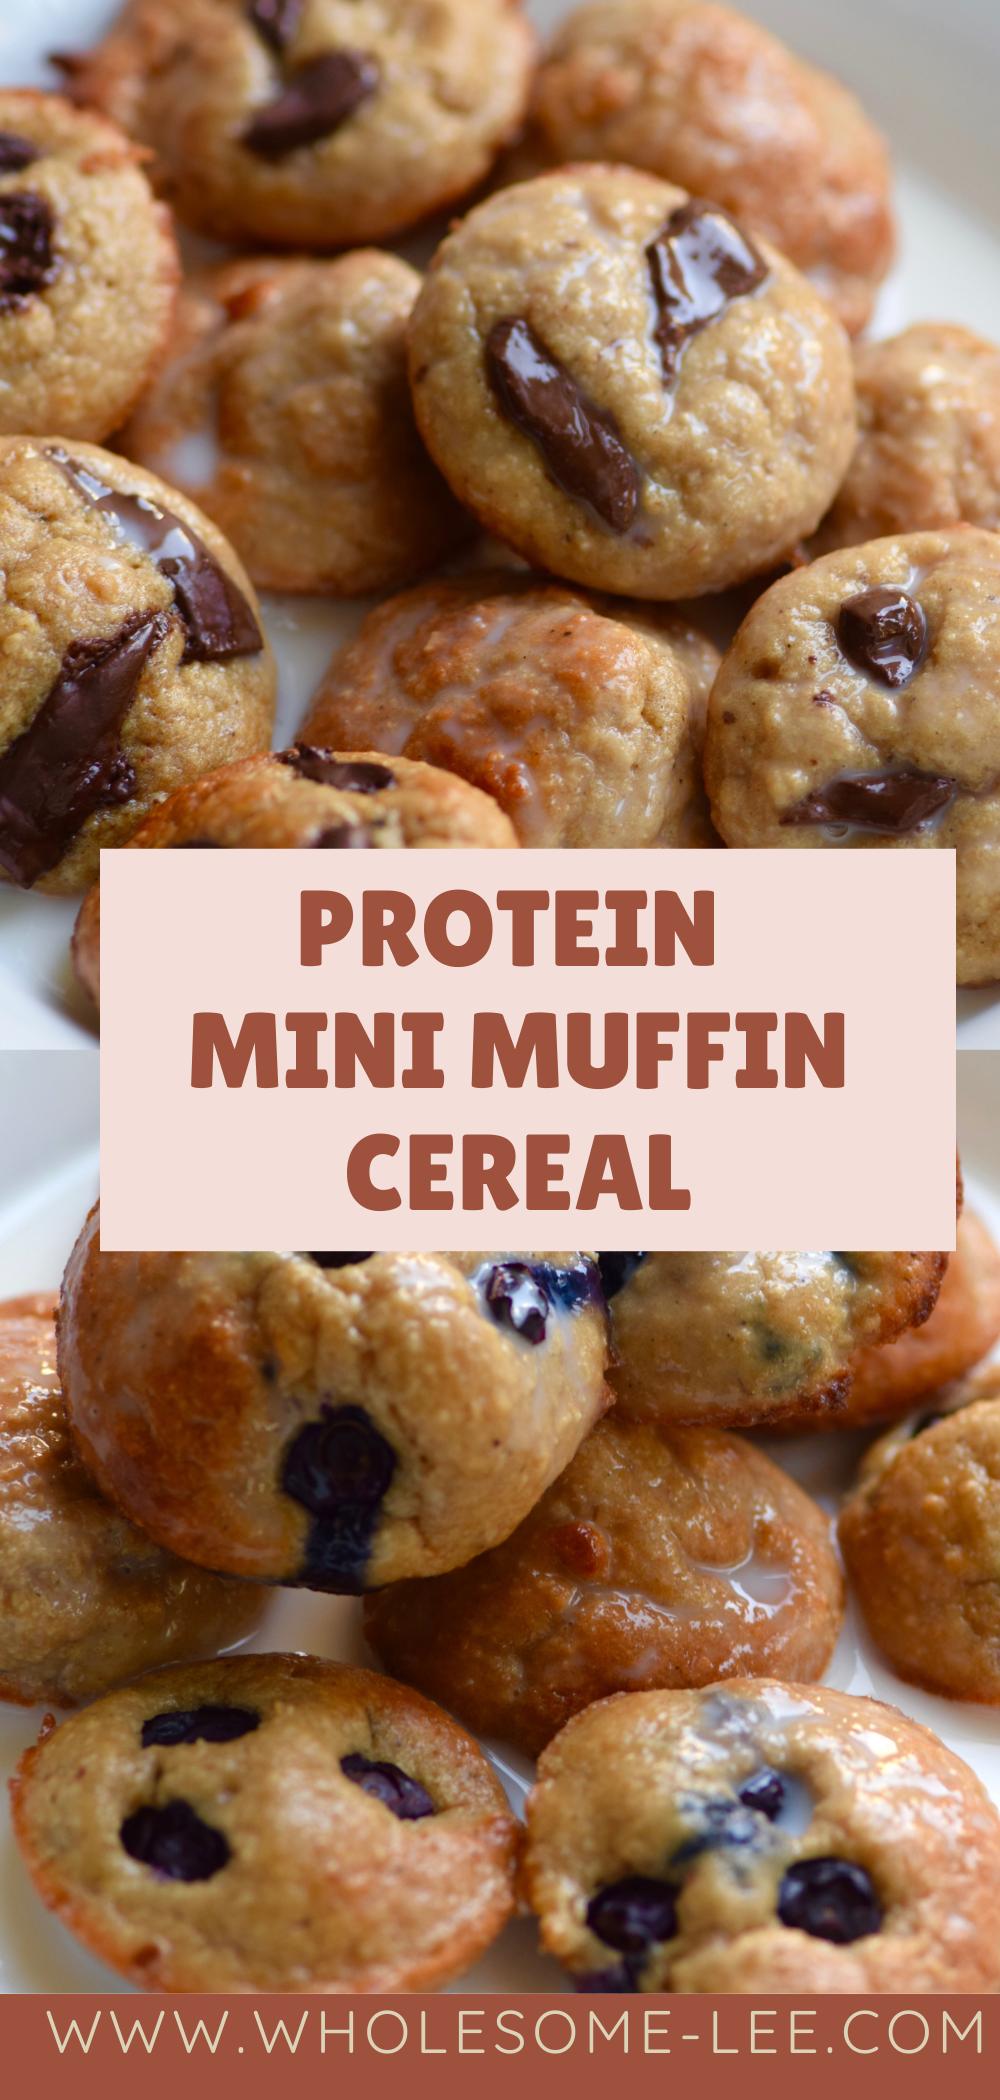 protein mini muffin cereal